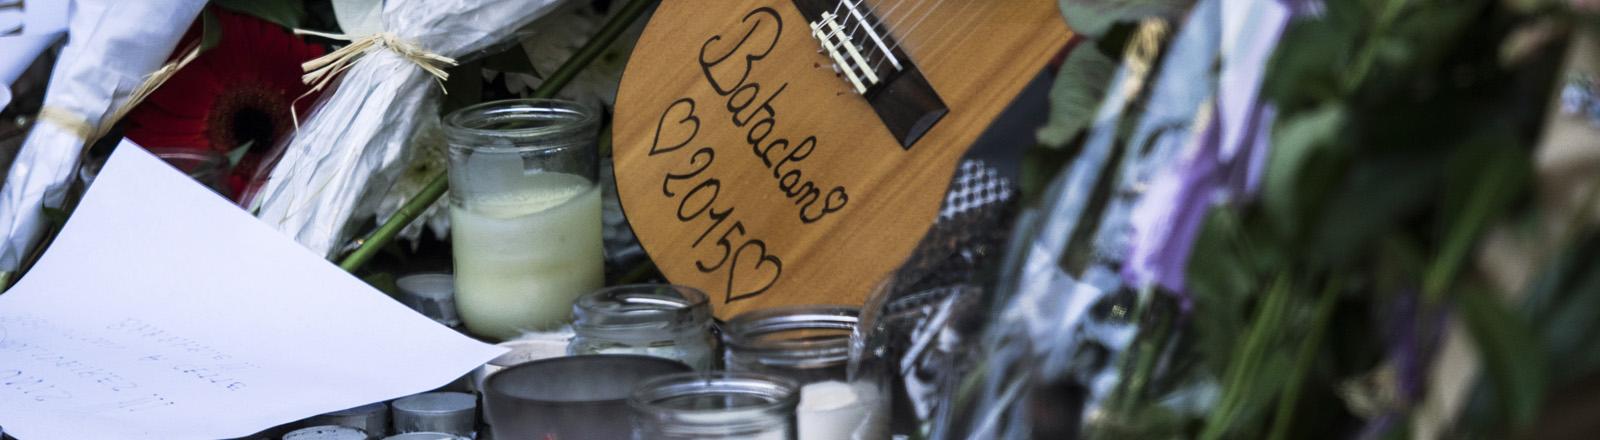 Blumen, Kerzen und eine Gitarre liegen zum Gedenken an die Opfer der Terroranschläge in der Nähge des Musiktheaters Bataclan